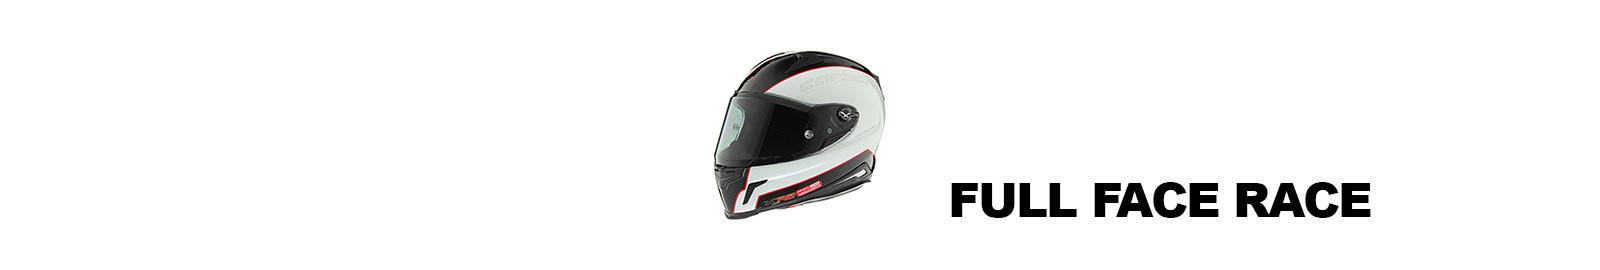 Nexx XR2 Helmets